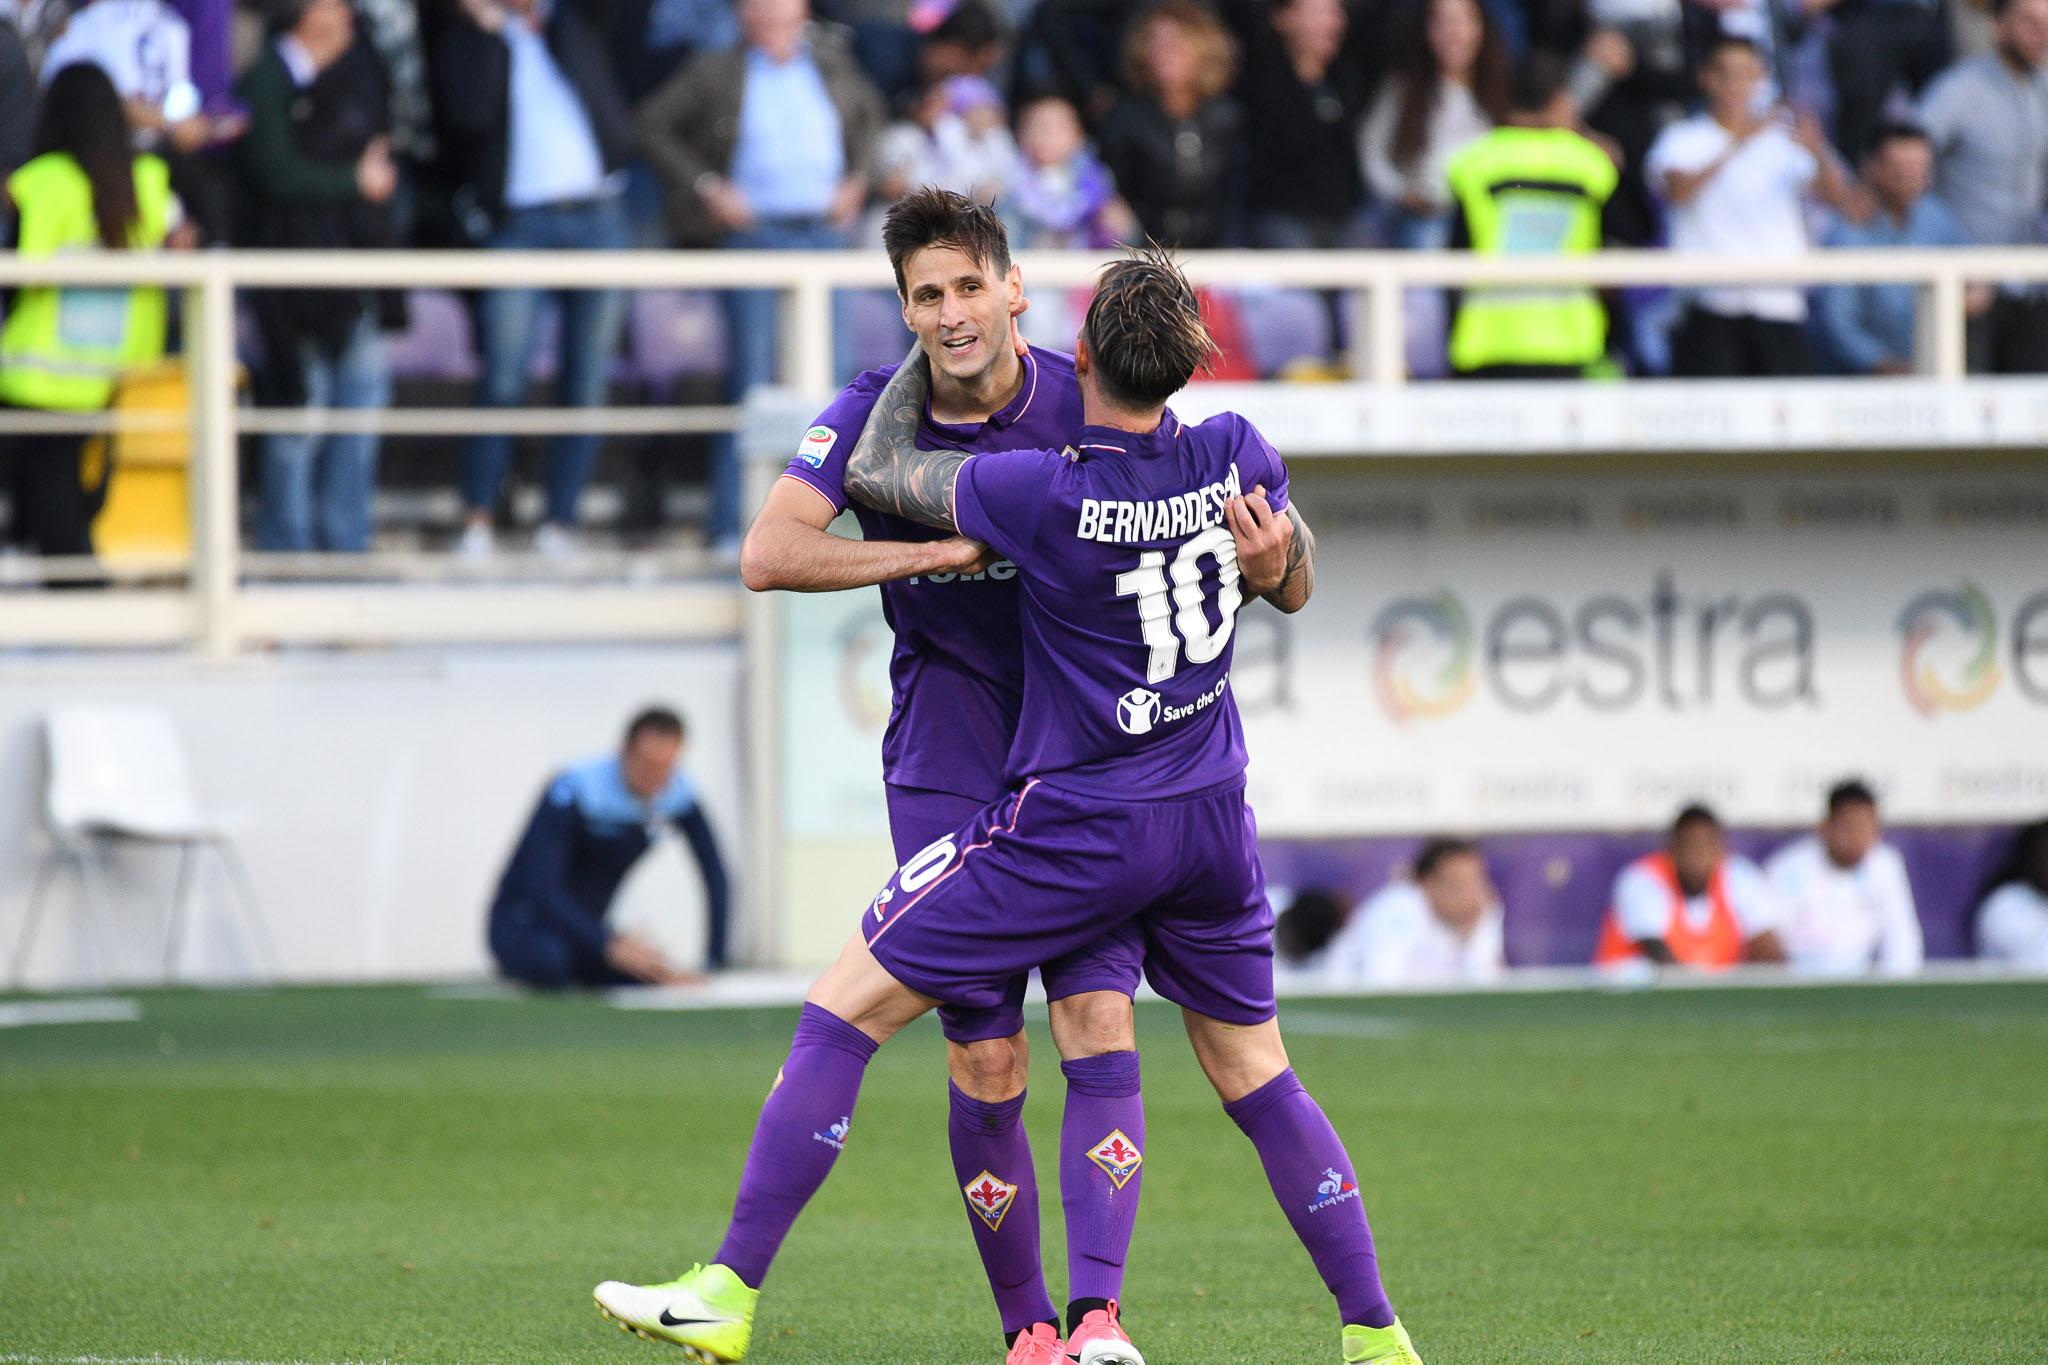 Fiorentina, telefonata risolutiva nella notte: Borja Valero verso l'Inter, ecco i dettagli